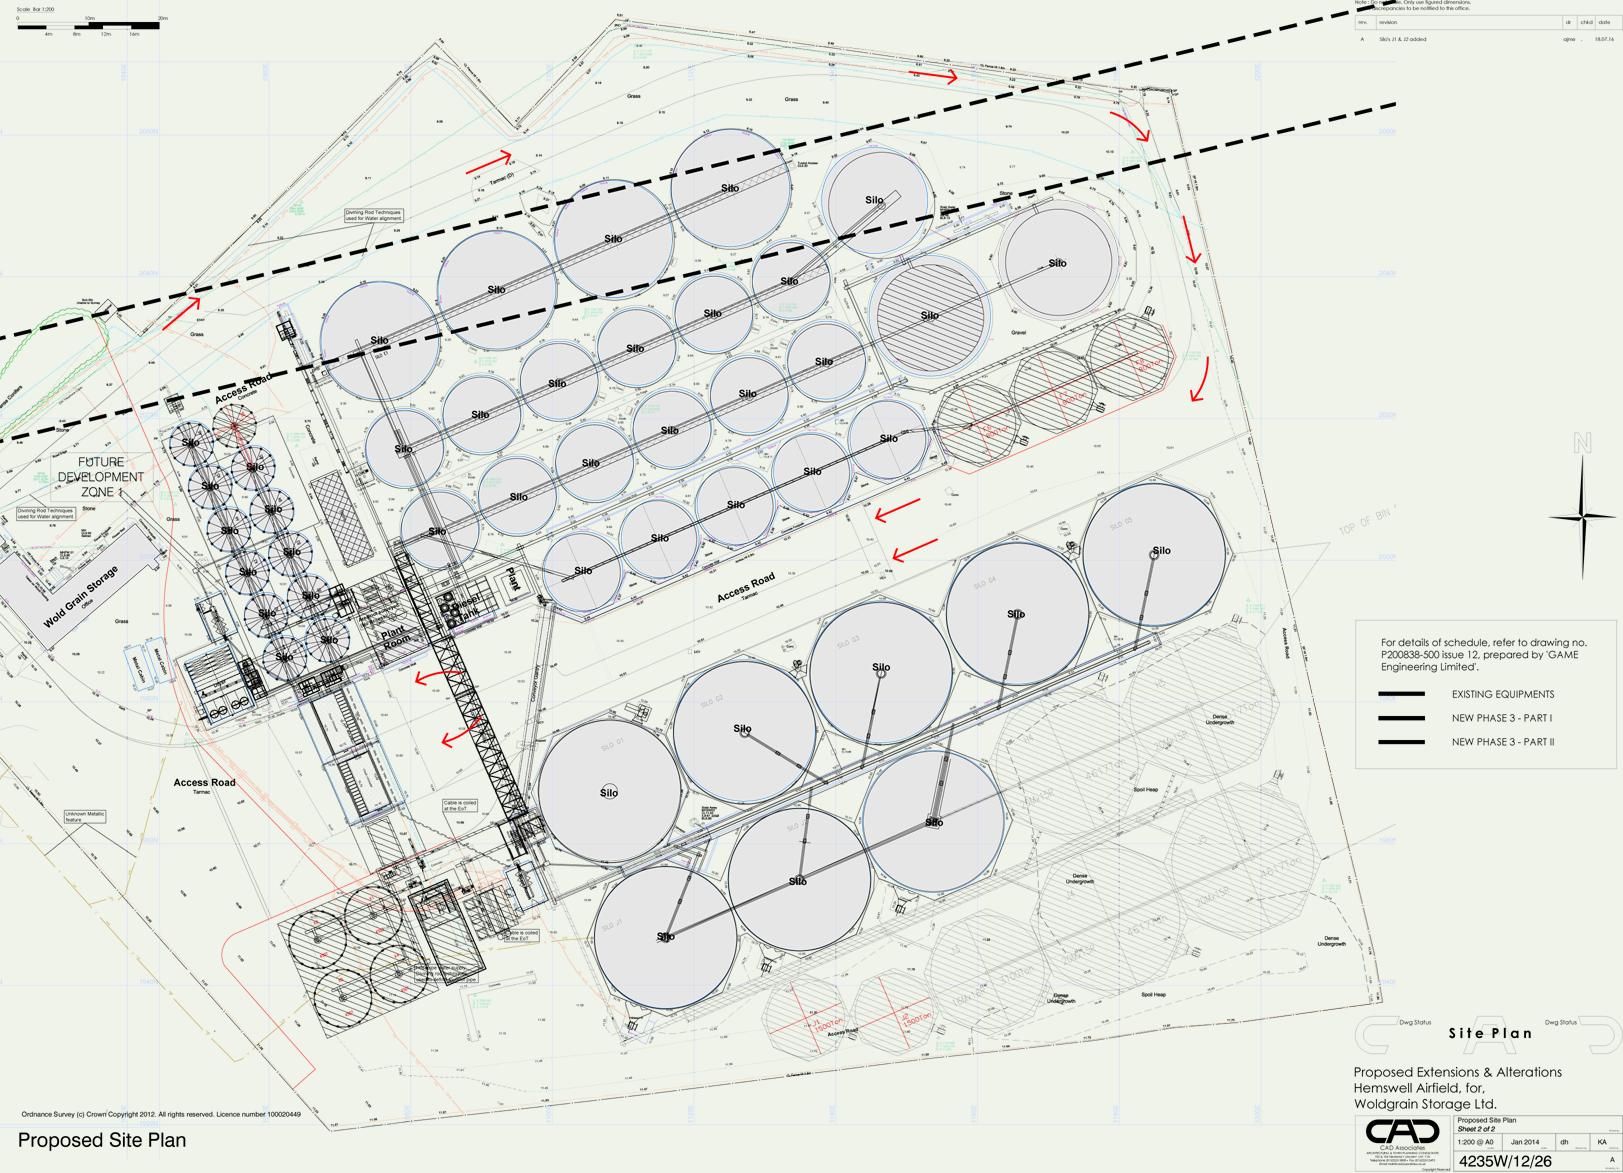 4235W-12-26-A-200-Site-Plan